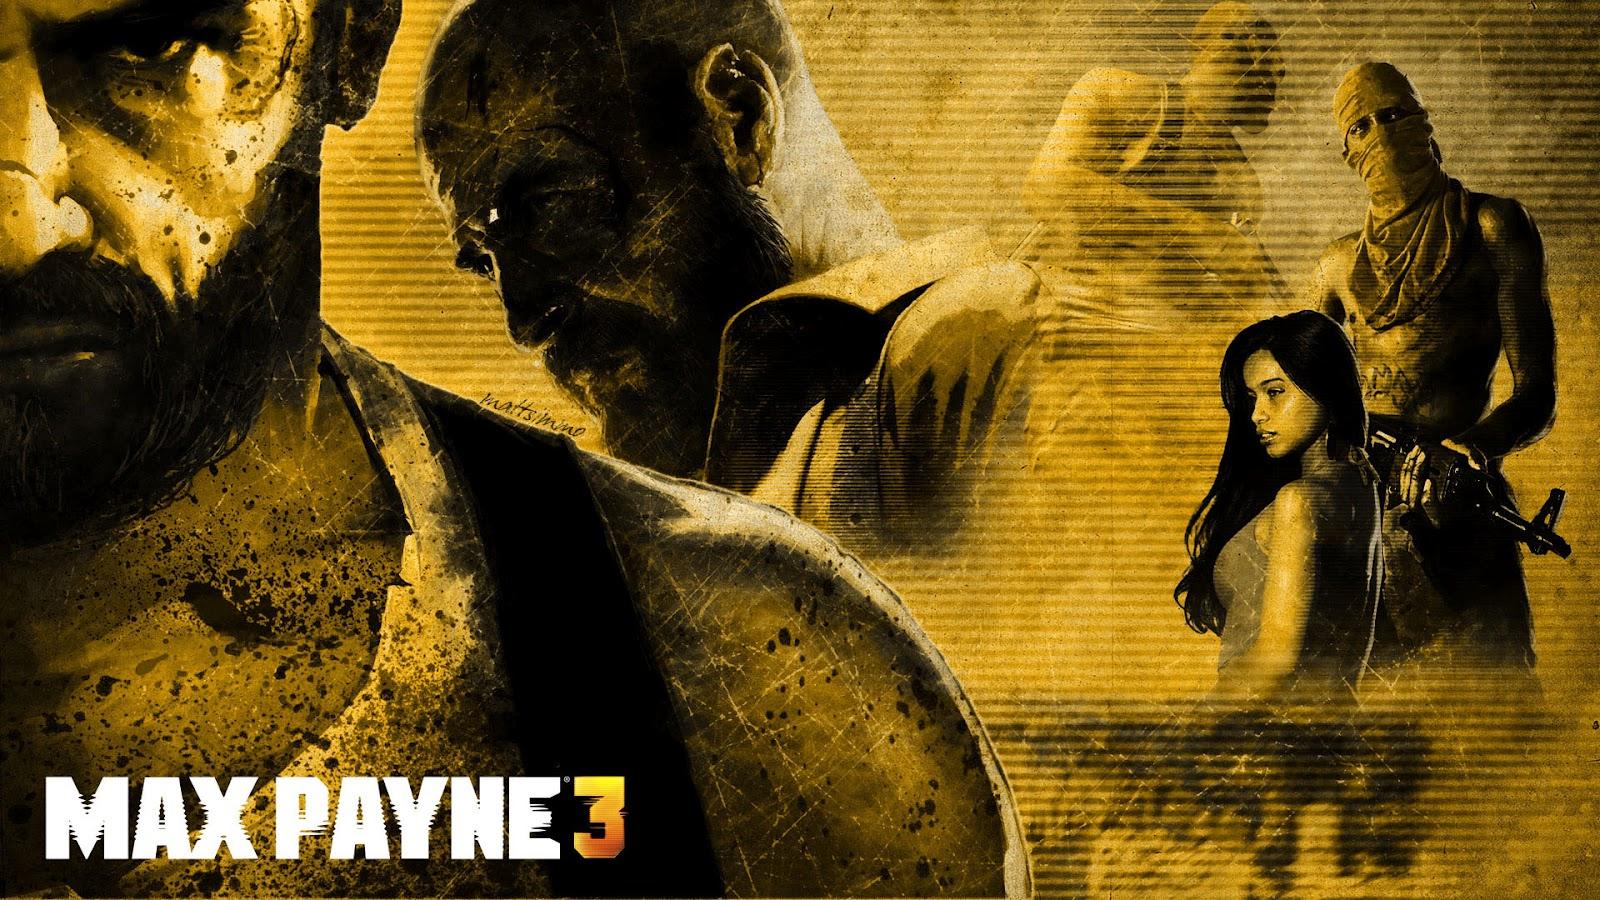 http://2.bp.blogspot.com/-m7QpnDK5McI/UBdD15AaKoI/AAAAAAAAIV4/fhNDVHPnfyQ/s1600/Max-Payne-3-Action-1920x1080-Wallpaper.jpg